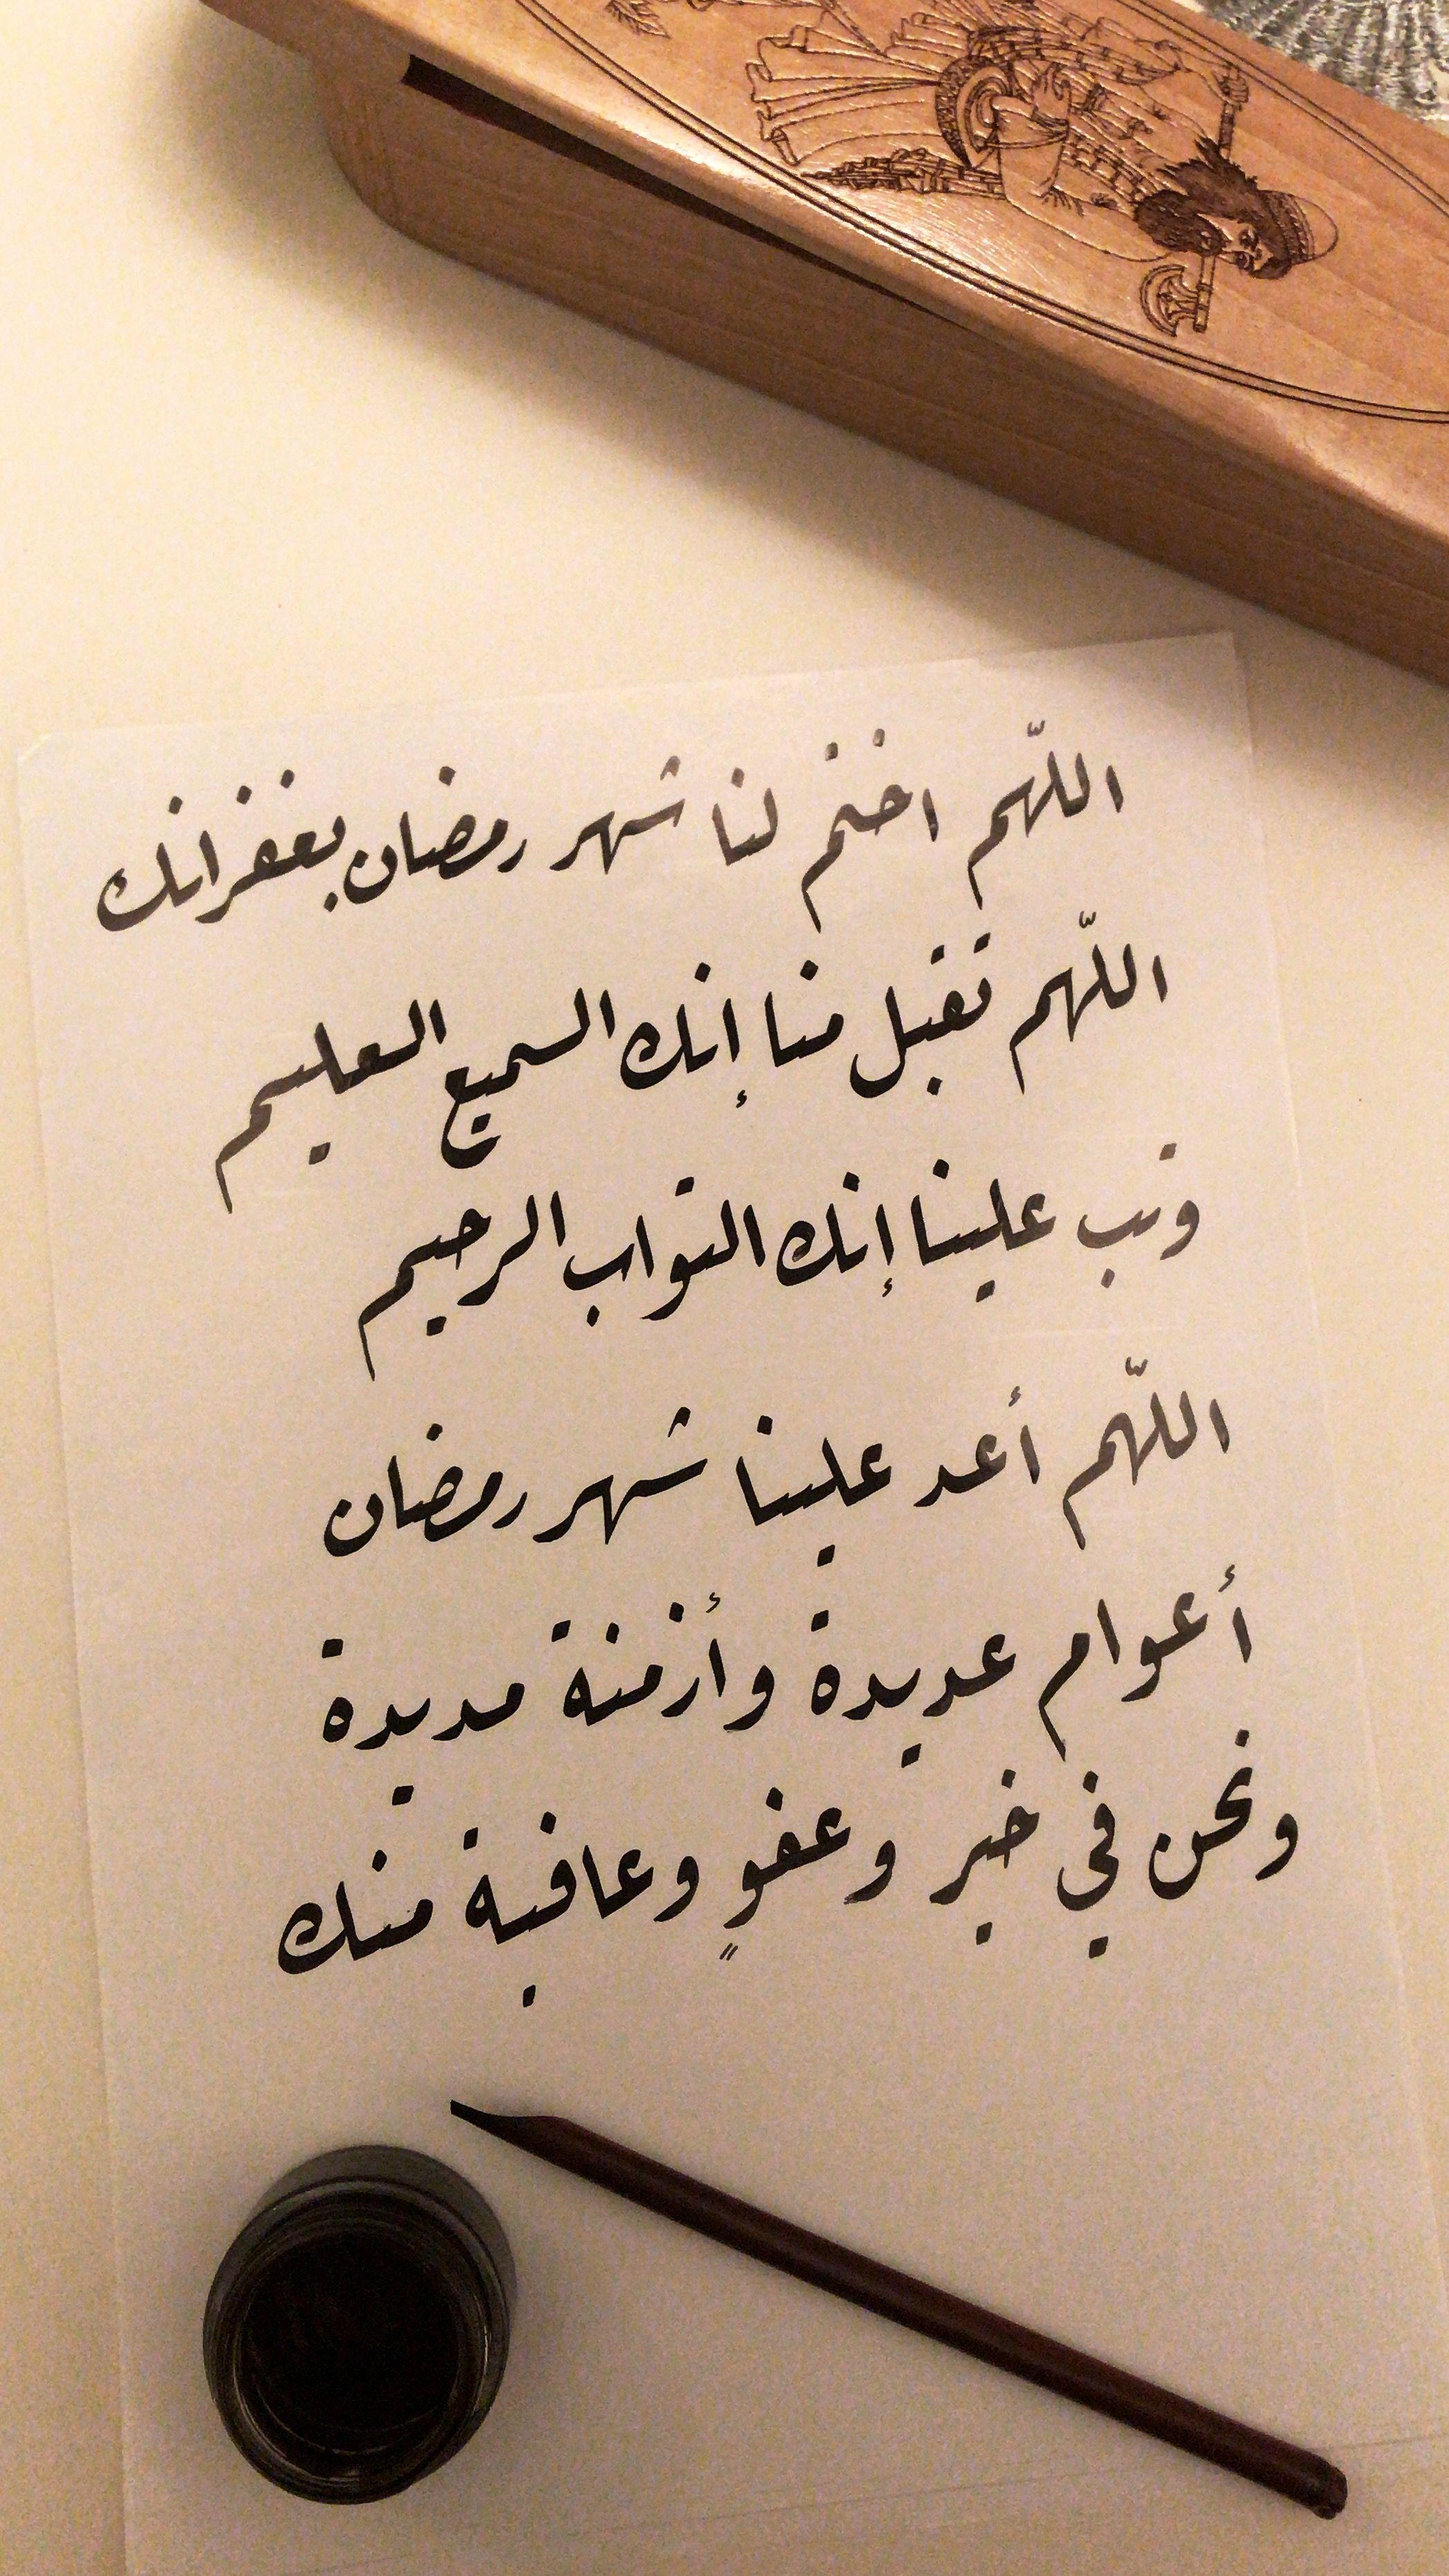 دعاء رمضان ختام قبول خط خطي رقعة Islamic Inspirational Quotes Cool Words Ramadan